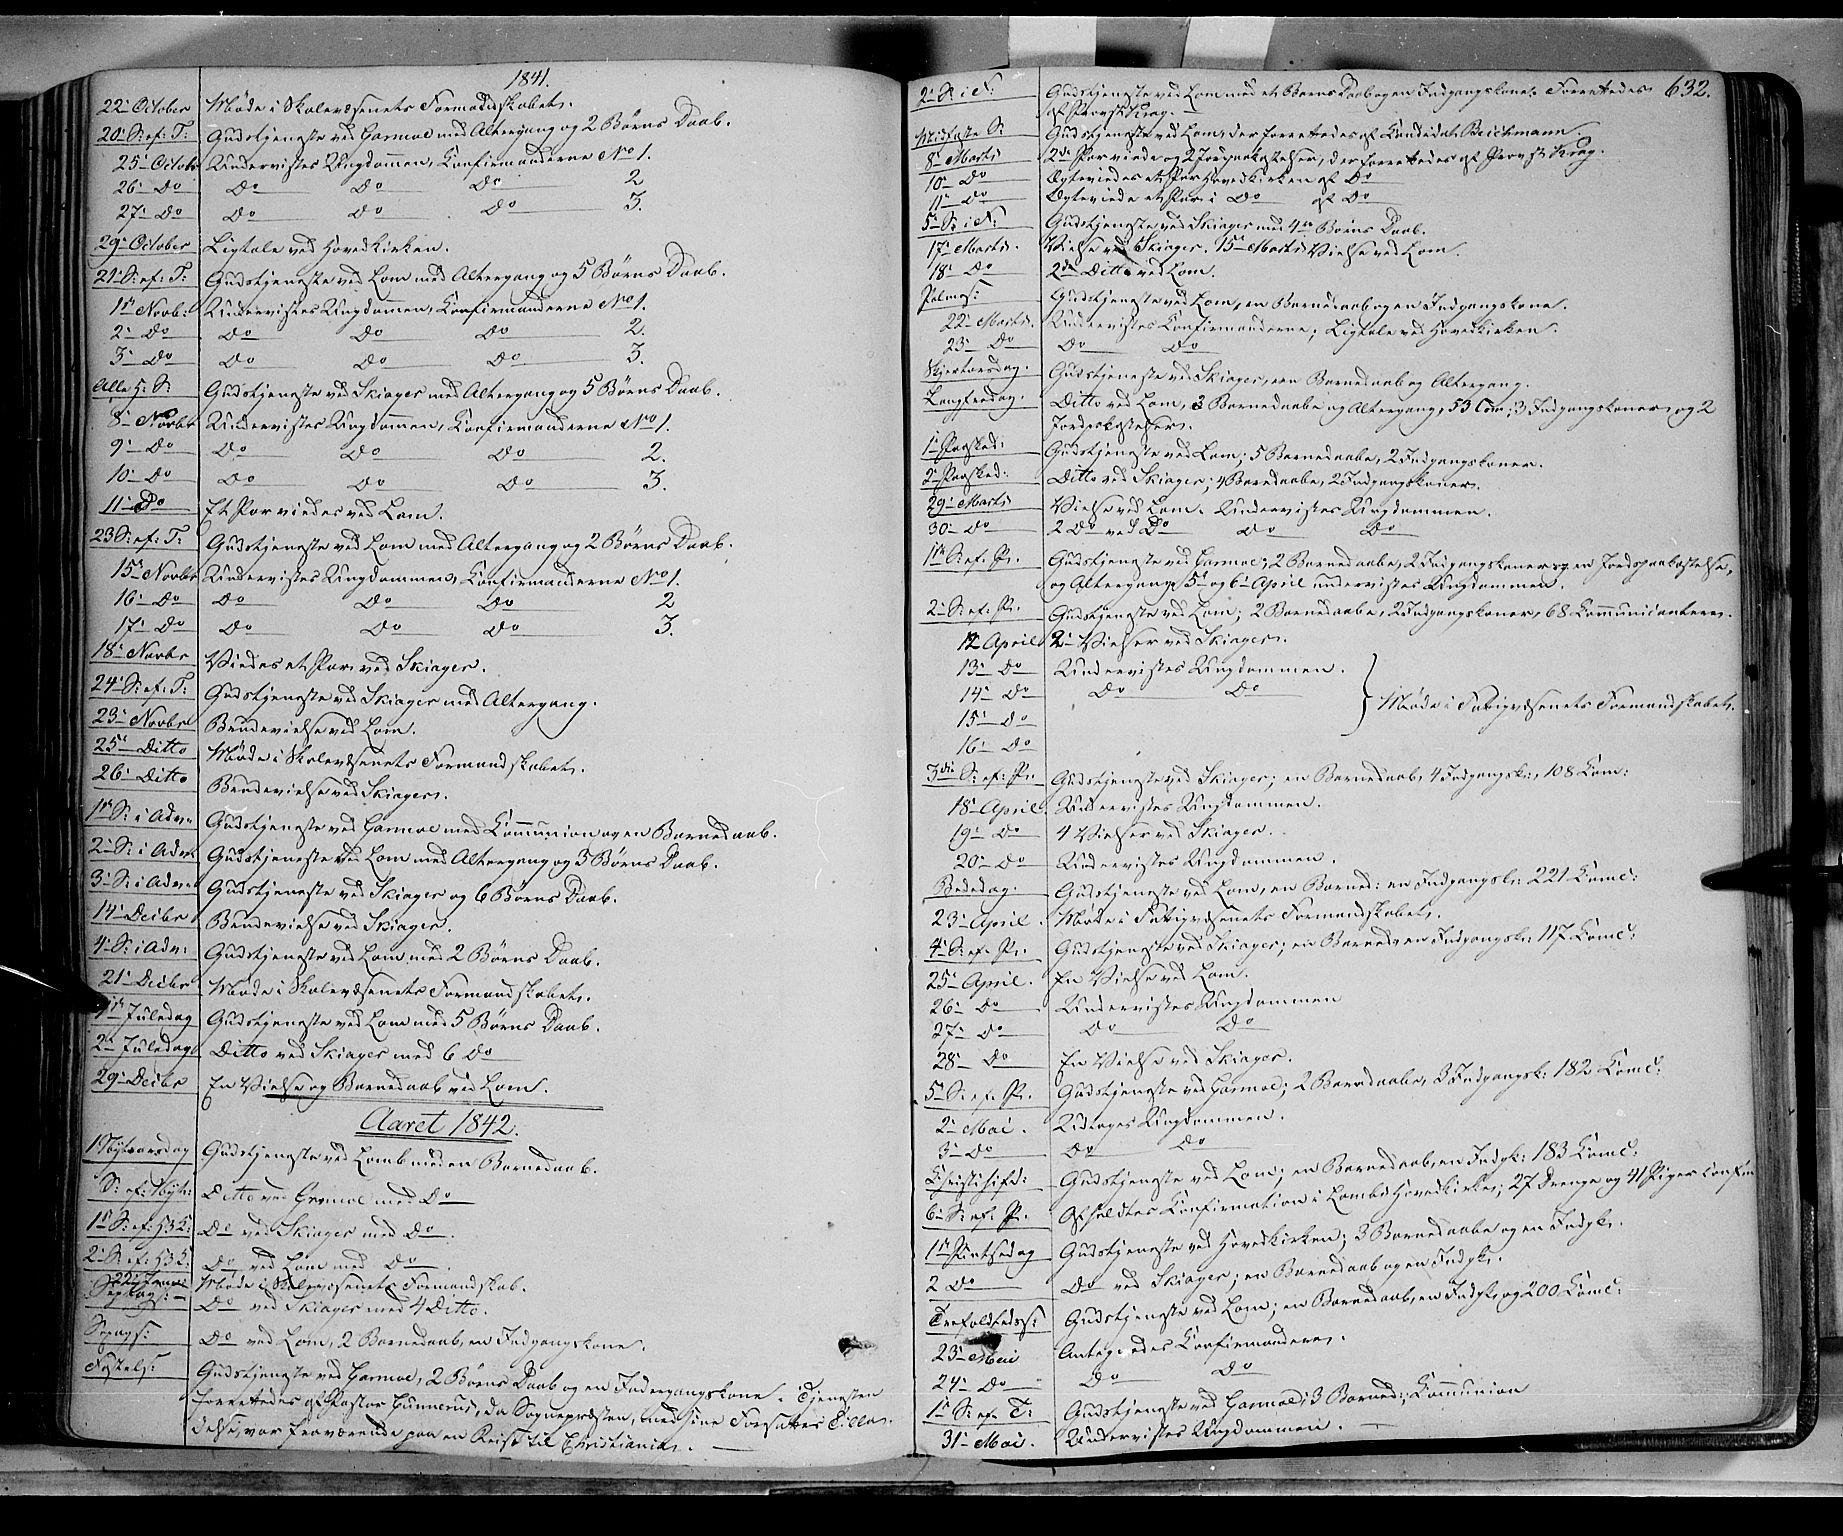 SAH, Lom prestekontor, K/L0006: Ministerialbok nr. 6B, 1837-1863, s. 632